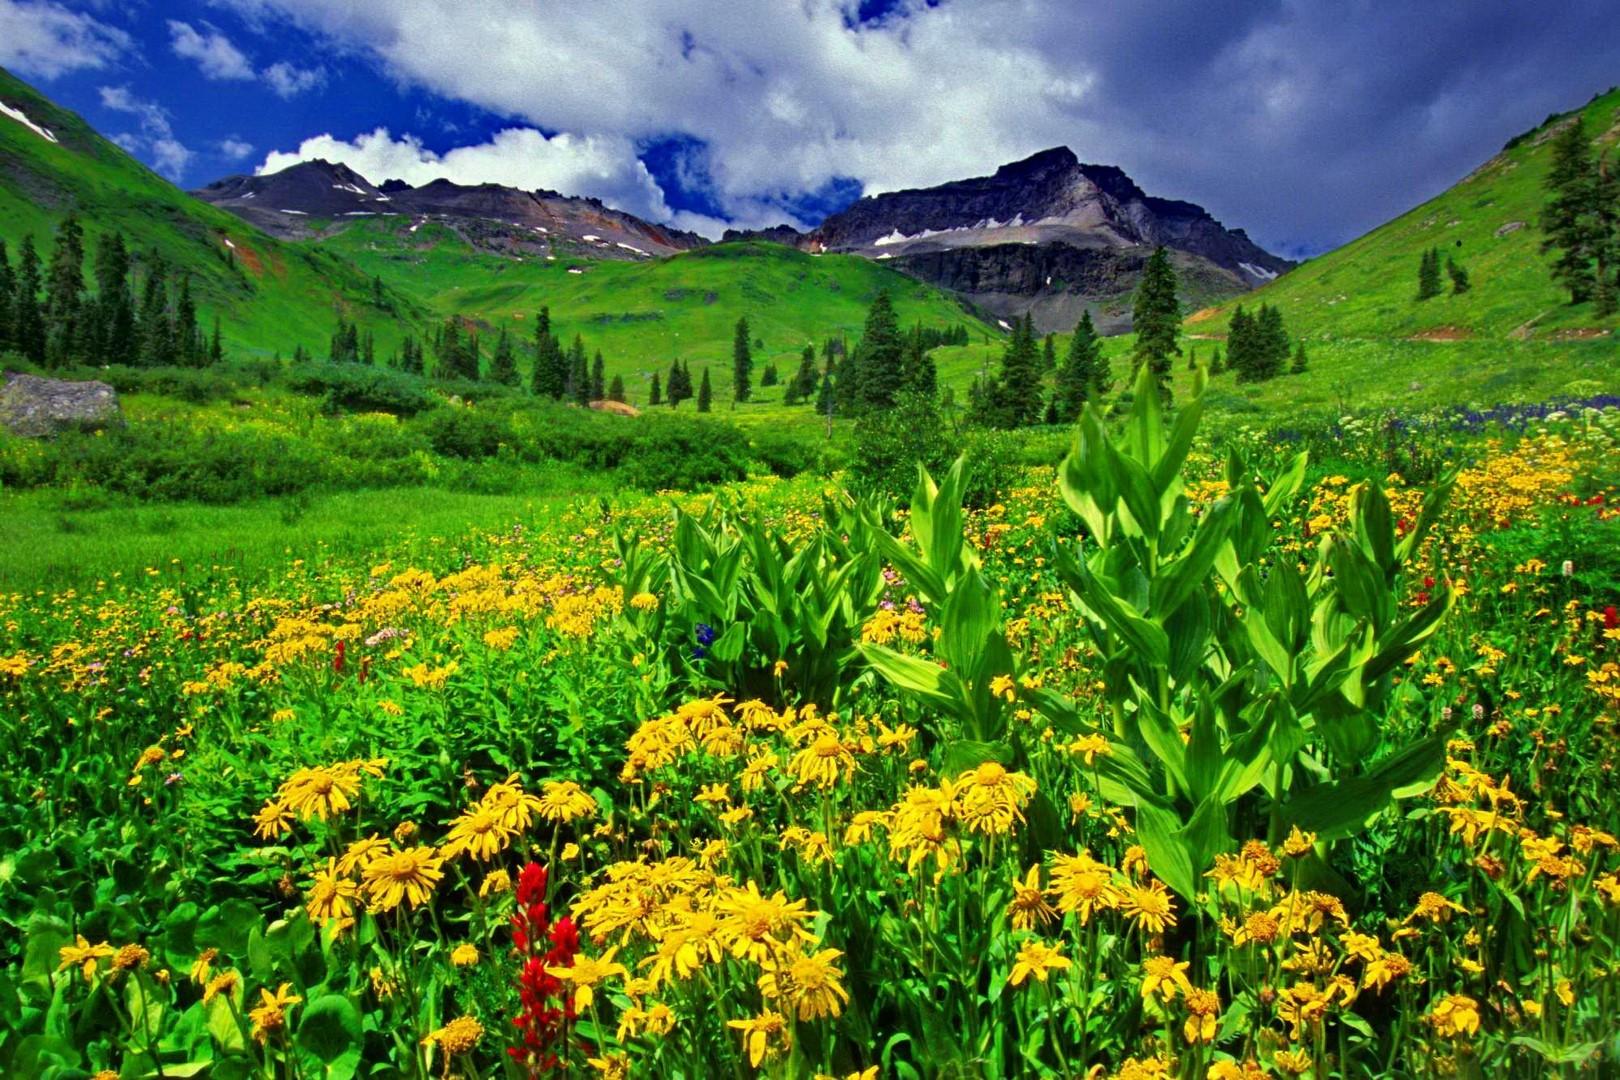 Fondos de pantalla de flora y vegetación ao